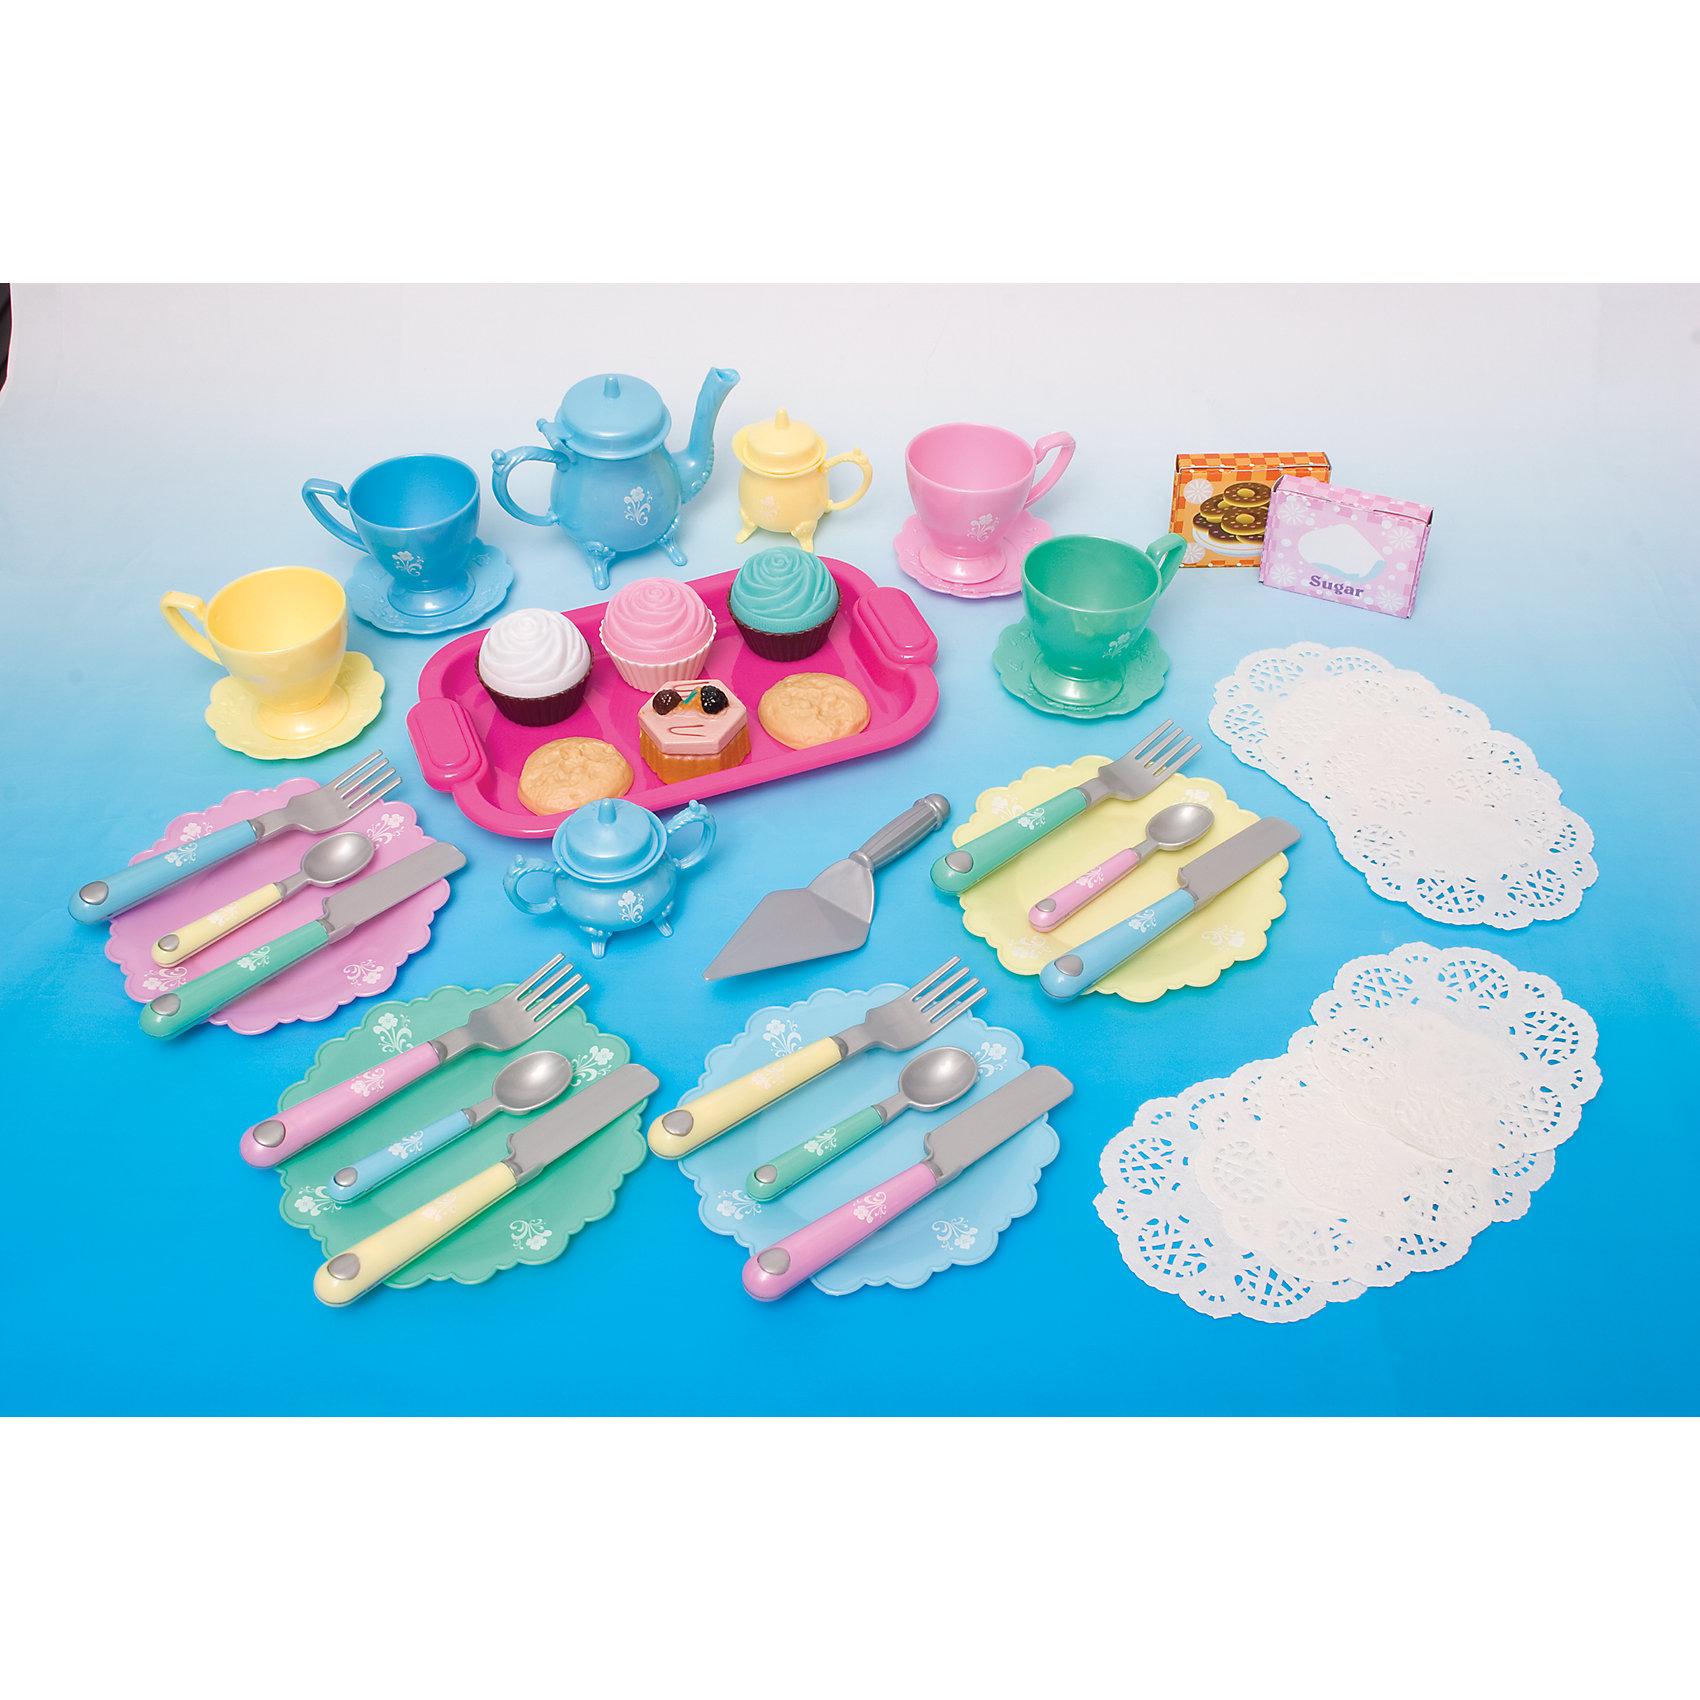 Игровой набор Чайная вечеринка 45 предметов, BoleyПосуда и аксессуары для детской кухни<br>Игровой набор Чайная вечеринка 45 предметов, Boley (Болей).<br><br>Характеристики:<br><br>• Вес: 780 г.<br>• Размер упаковки: 51,3 х 5 х 33,8 см.<br>• Цвет: разноцветный.<br>• Материал: пластик.<br><br>Игровой набор Чайная вечеринка от производителя Boley - отличный подарок для девочки к любому празднику! С ним девочка сможет принять  гостей и устроить чаепитие  со своими куклами и подружками. В набор входят комплекты приборов на 3 персоны, заварочный чайник, поднос, игрушечные пирожные и печенья, салфетки и другие аксессуары -  всего 45 предметов. Посуда и аксессуары тщательно детализированы. Все предметы выполнены из высококачественных, экологически чистых материалов, совершенно безопасных для ребенка. Порадуйте  свою маленькую хозяйку, подарив ей такой набор!<br><br>Игровой набор Чайная вечеринка 45 предметов, Boley (Болей), можно купить в нашем интернет- магазине.<br><br>Ширина мм: 520<br>Глубина мм: 340<br>Высота мм: 50<br>Вес г: 778<br>Возраст от месяцев: 36<br>Возраст до месяцев: 2147483647<br>Пол: Женский<br>Возраст: Детский<br>SKU: 5185774